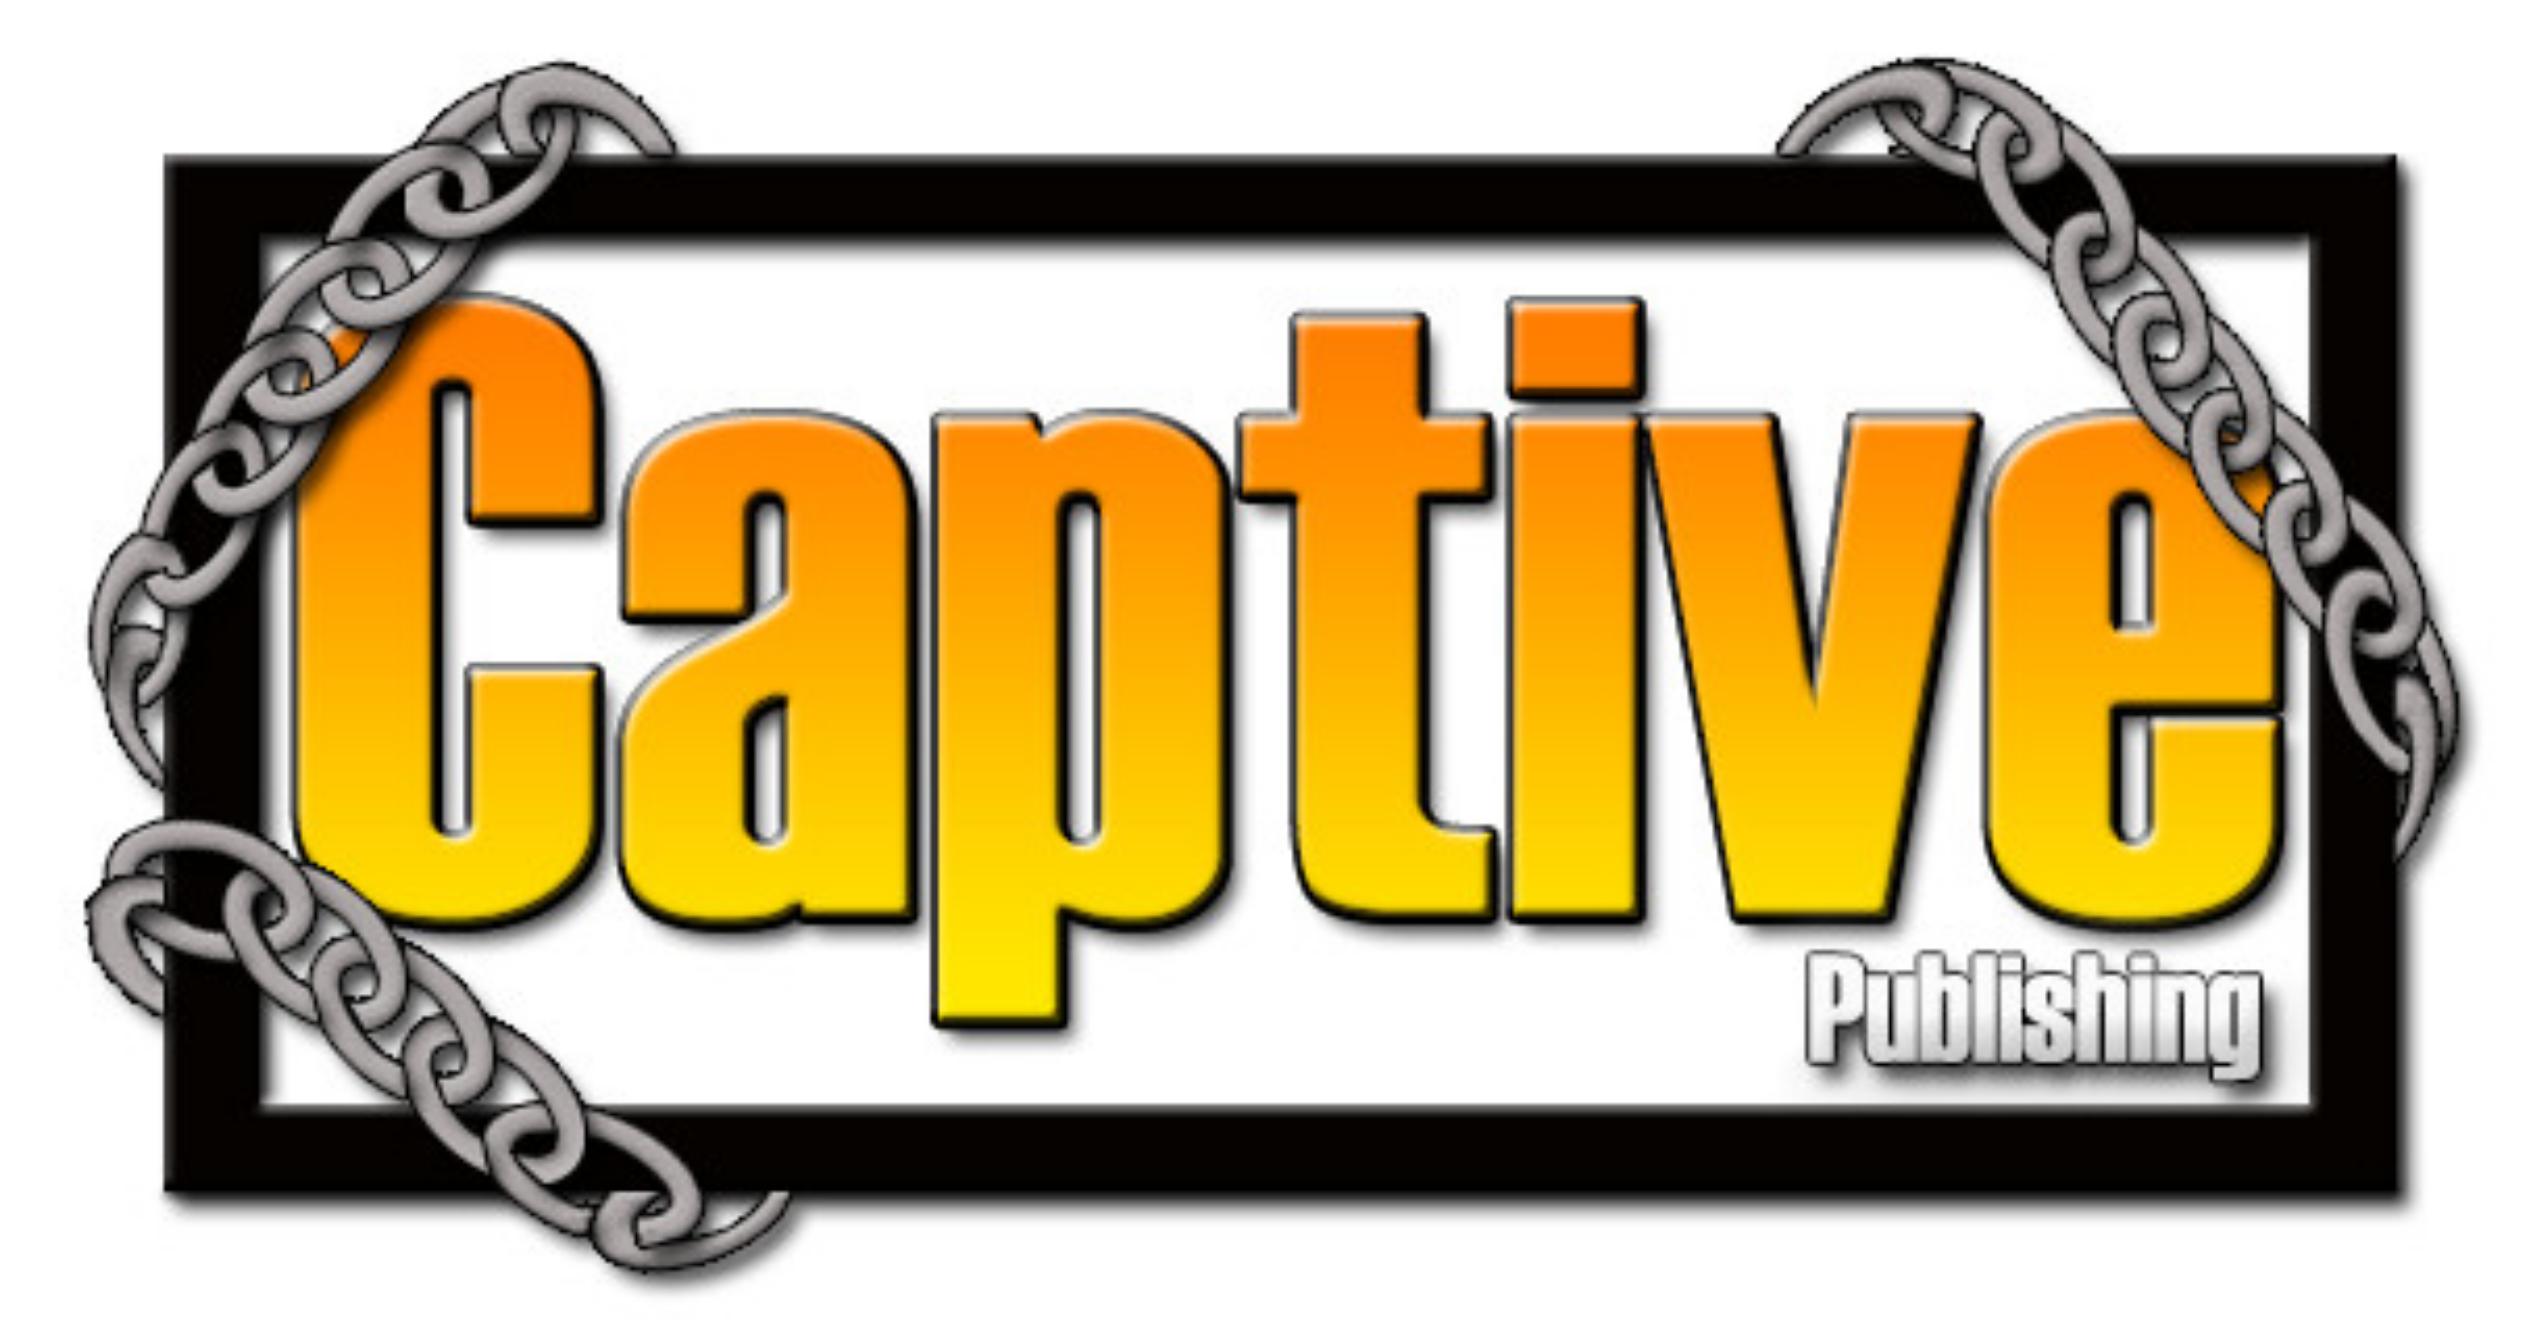 Captive publishing logo